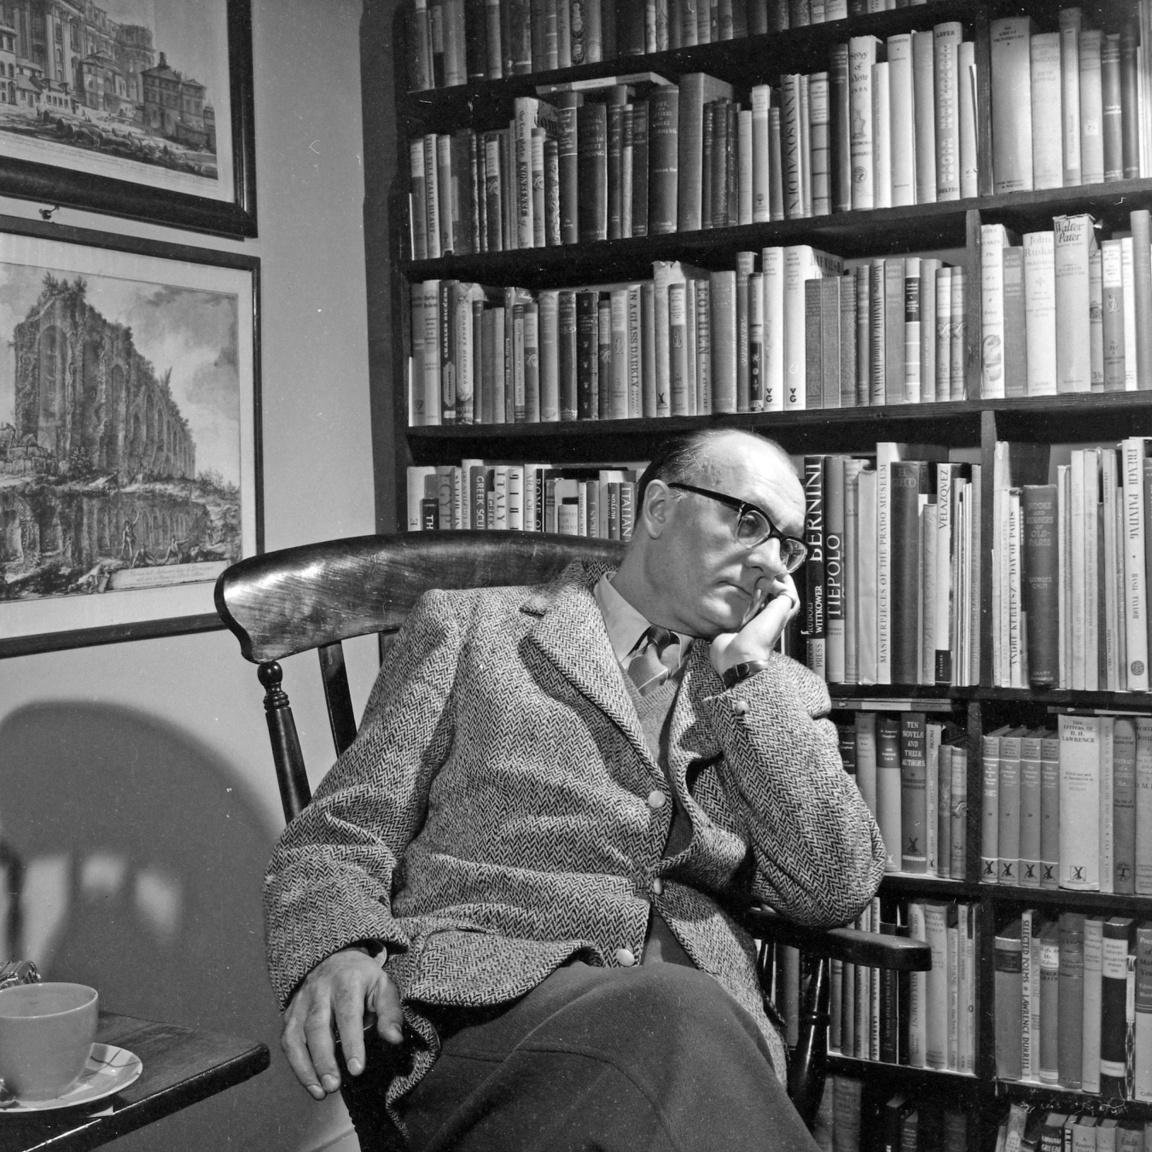 Az író, esszéíró, kritikus Cs. Szabó László (1905-1984) és sokadik könyvtára Londonban. Csé első könyvtárát a világháború, másodikat az emigrációja sodorta el, de úgy tűnik, hiába határozta el, hogy soha nem lesz háromszáznál több könyve. Legendásan széleskörű műveltségét a párizsi Sorbonne-on szerezte, a Nyugat folyóiratban mutatta be Szerb Antal és Halász Gábor oldalán. Emigrációja 1948-ban kezdődött, amikor nem tért vissza itáliai tanulmányútjáról. Róma és Firenze után London következett, itt élt haláláig. Dolgozott a BBC magyar osztályán és a Szabad Európa Rádiónak, mindvégig nagyon fontos szerepet vállalt a nyugati magyar irodalom összefogásában.